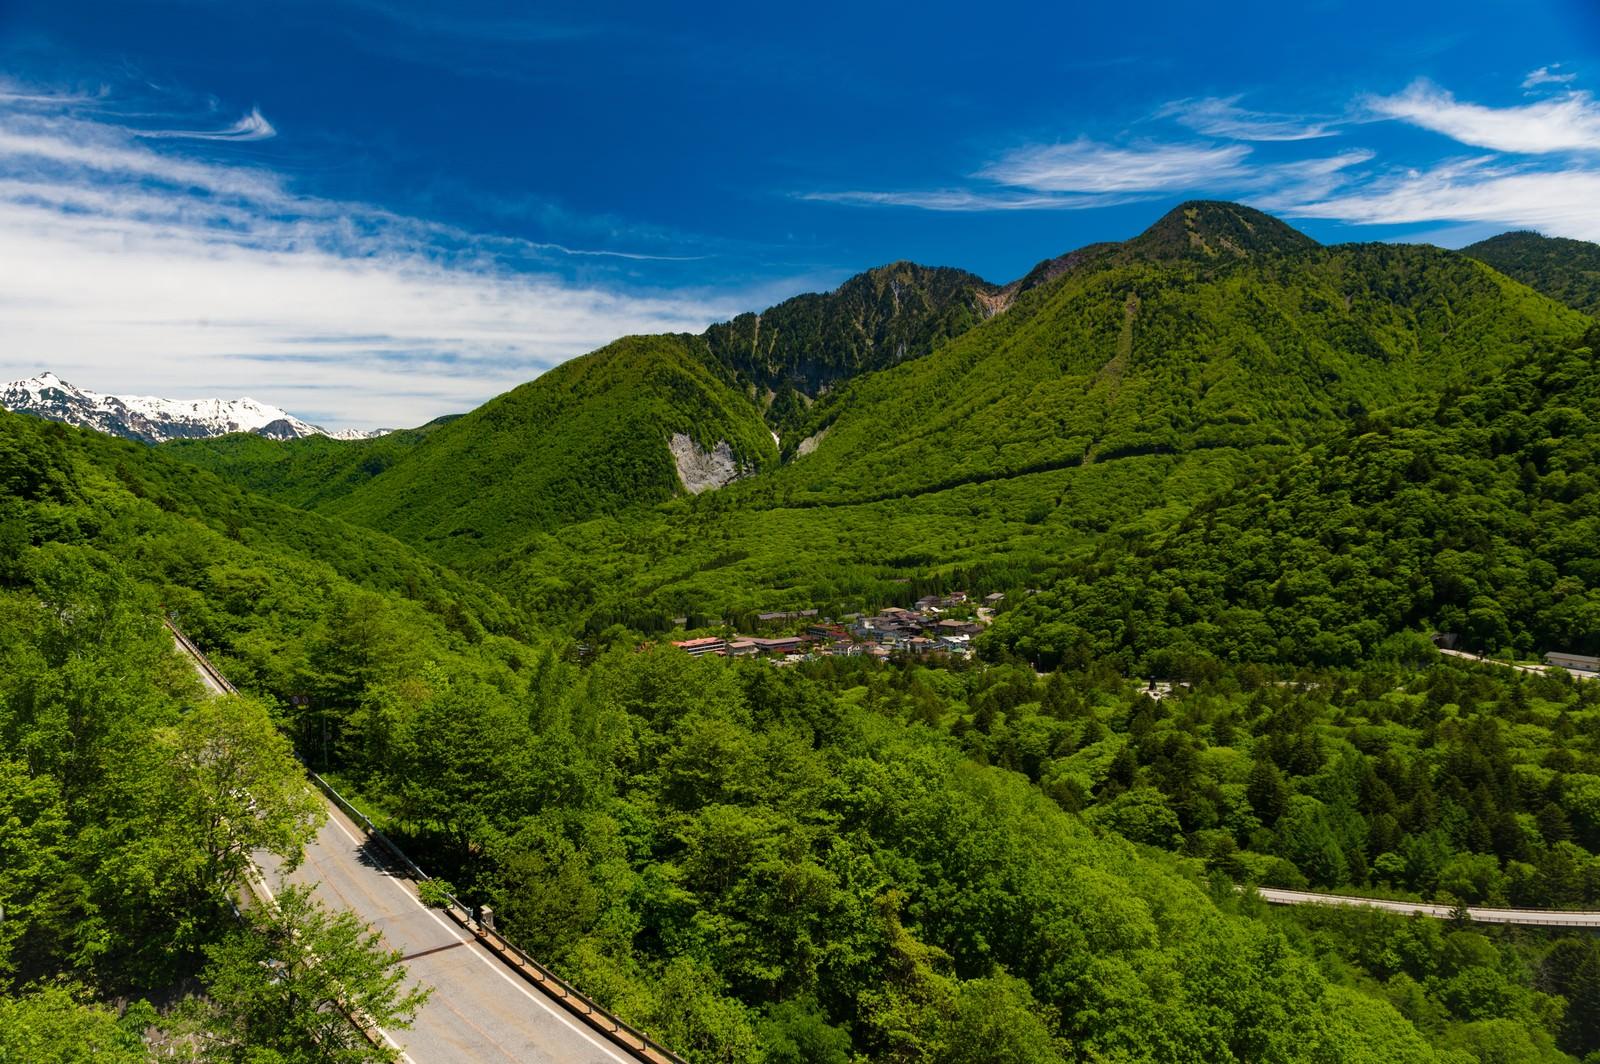 「夏の平湯温泉全景」の写真